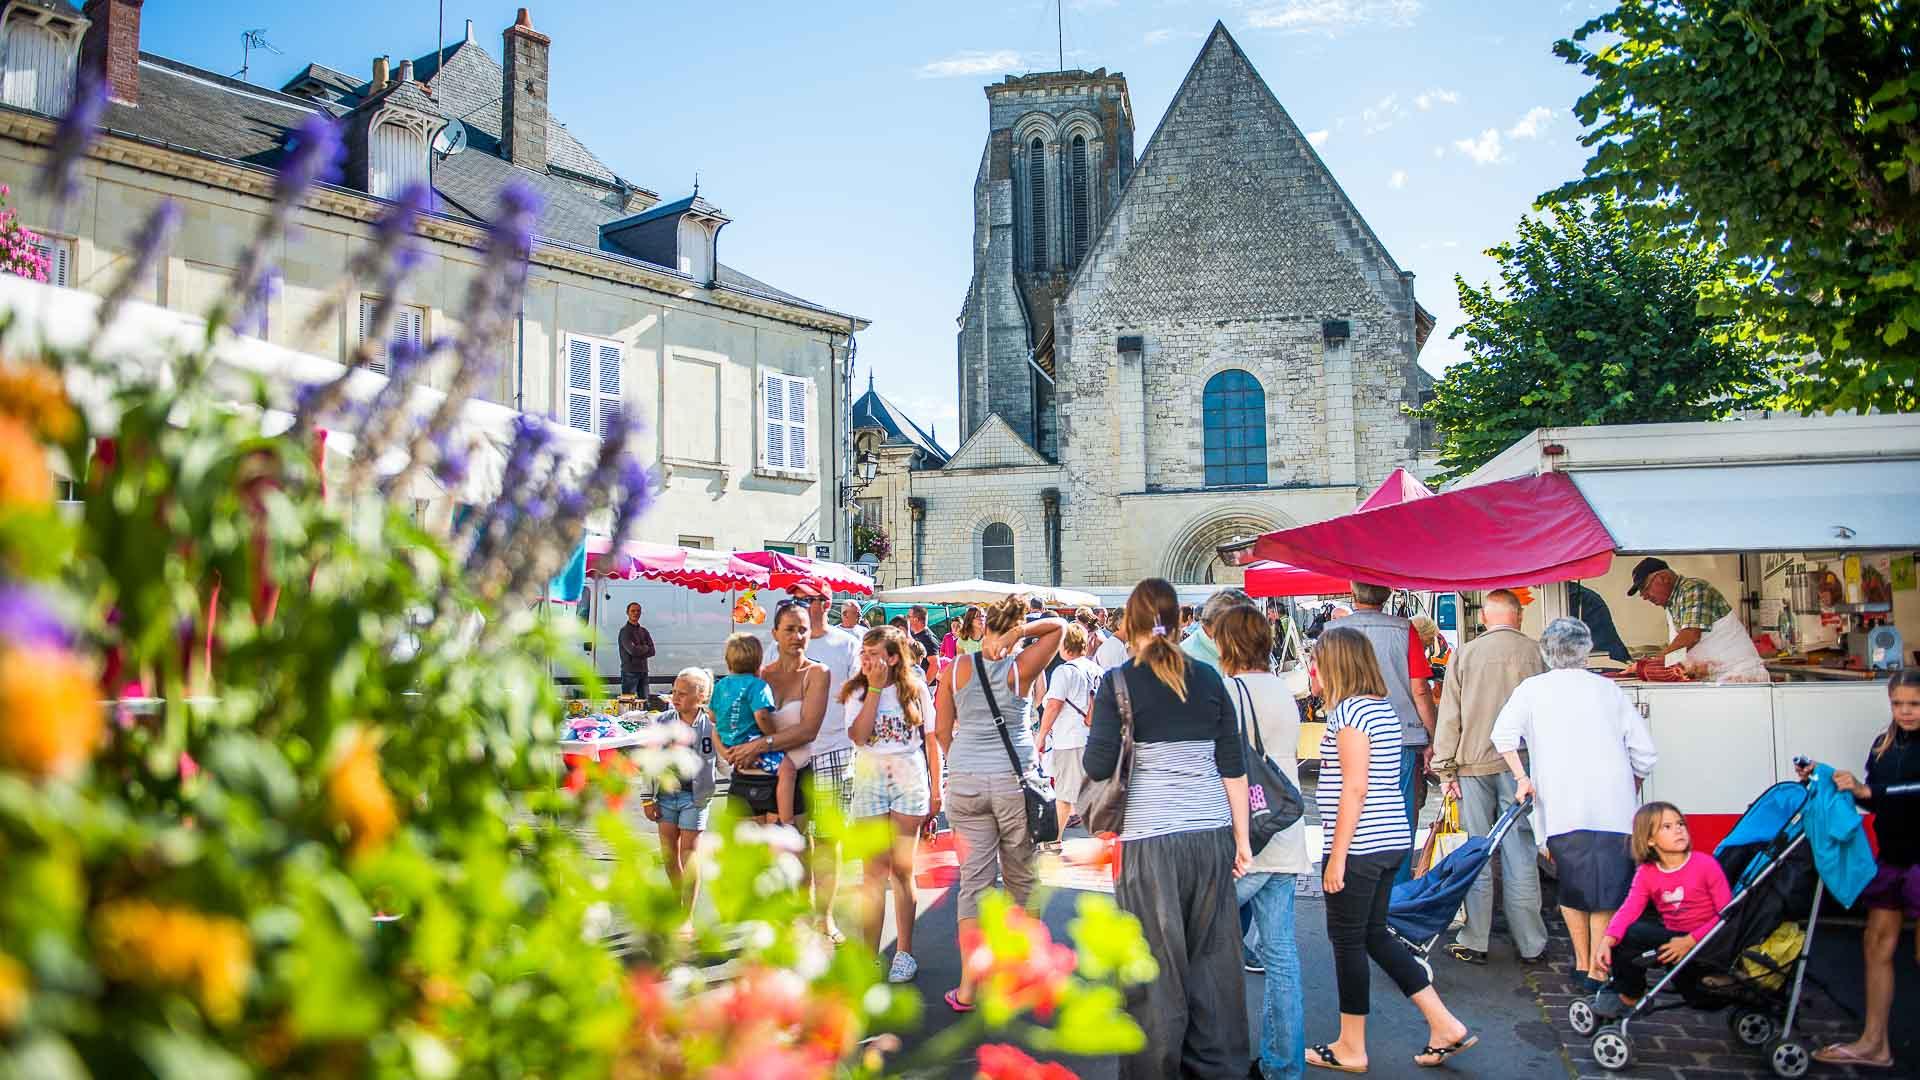 Bourgueil market